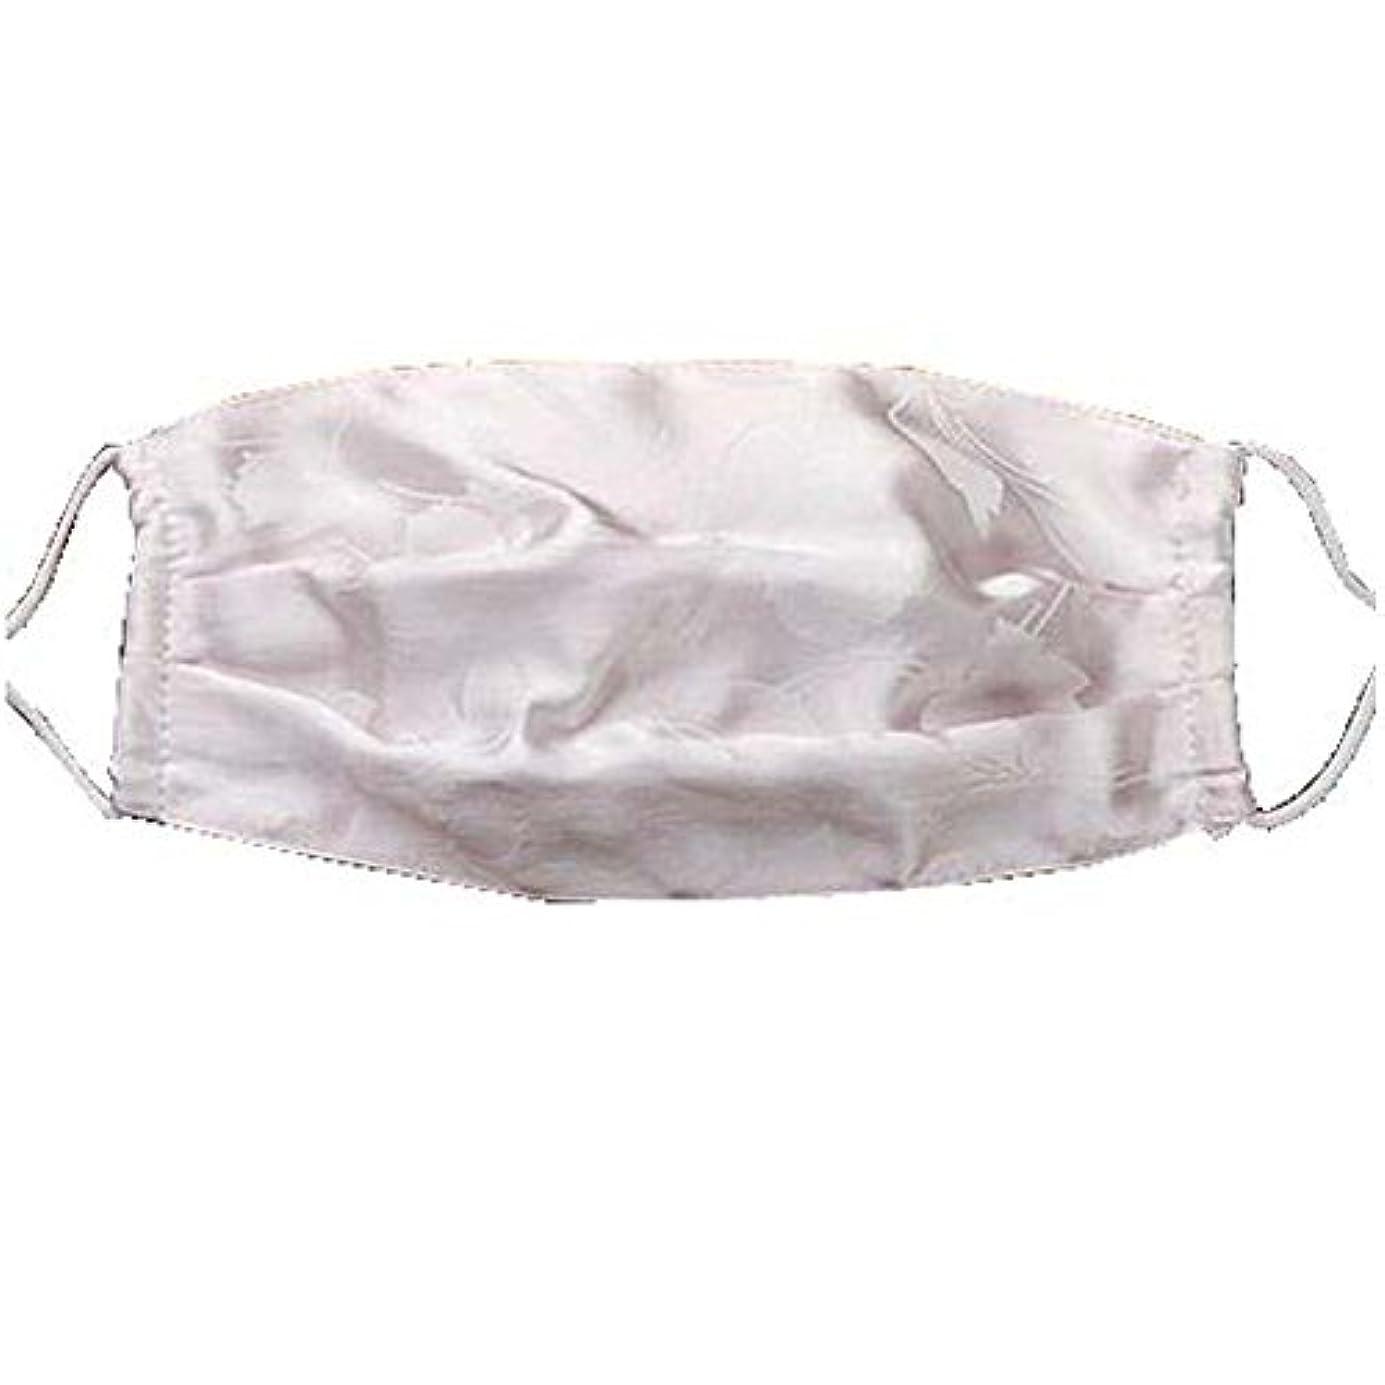 前兆改善する植木口腔マスクダストマスク抗汚染活性炭フィルターインサートシルクマスク